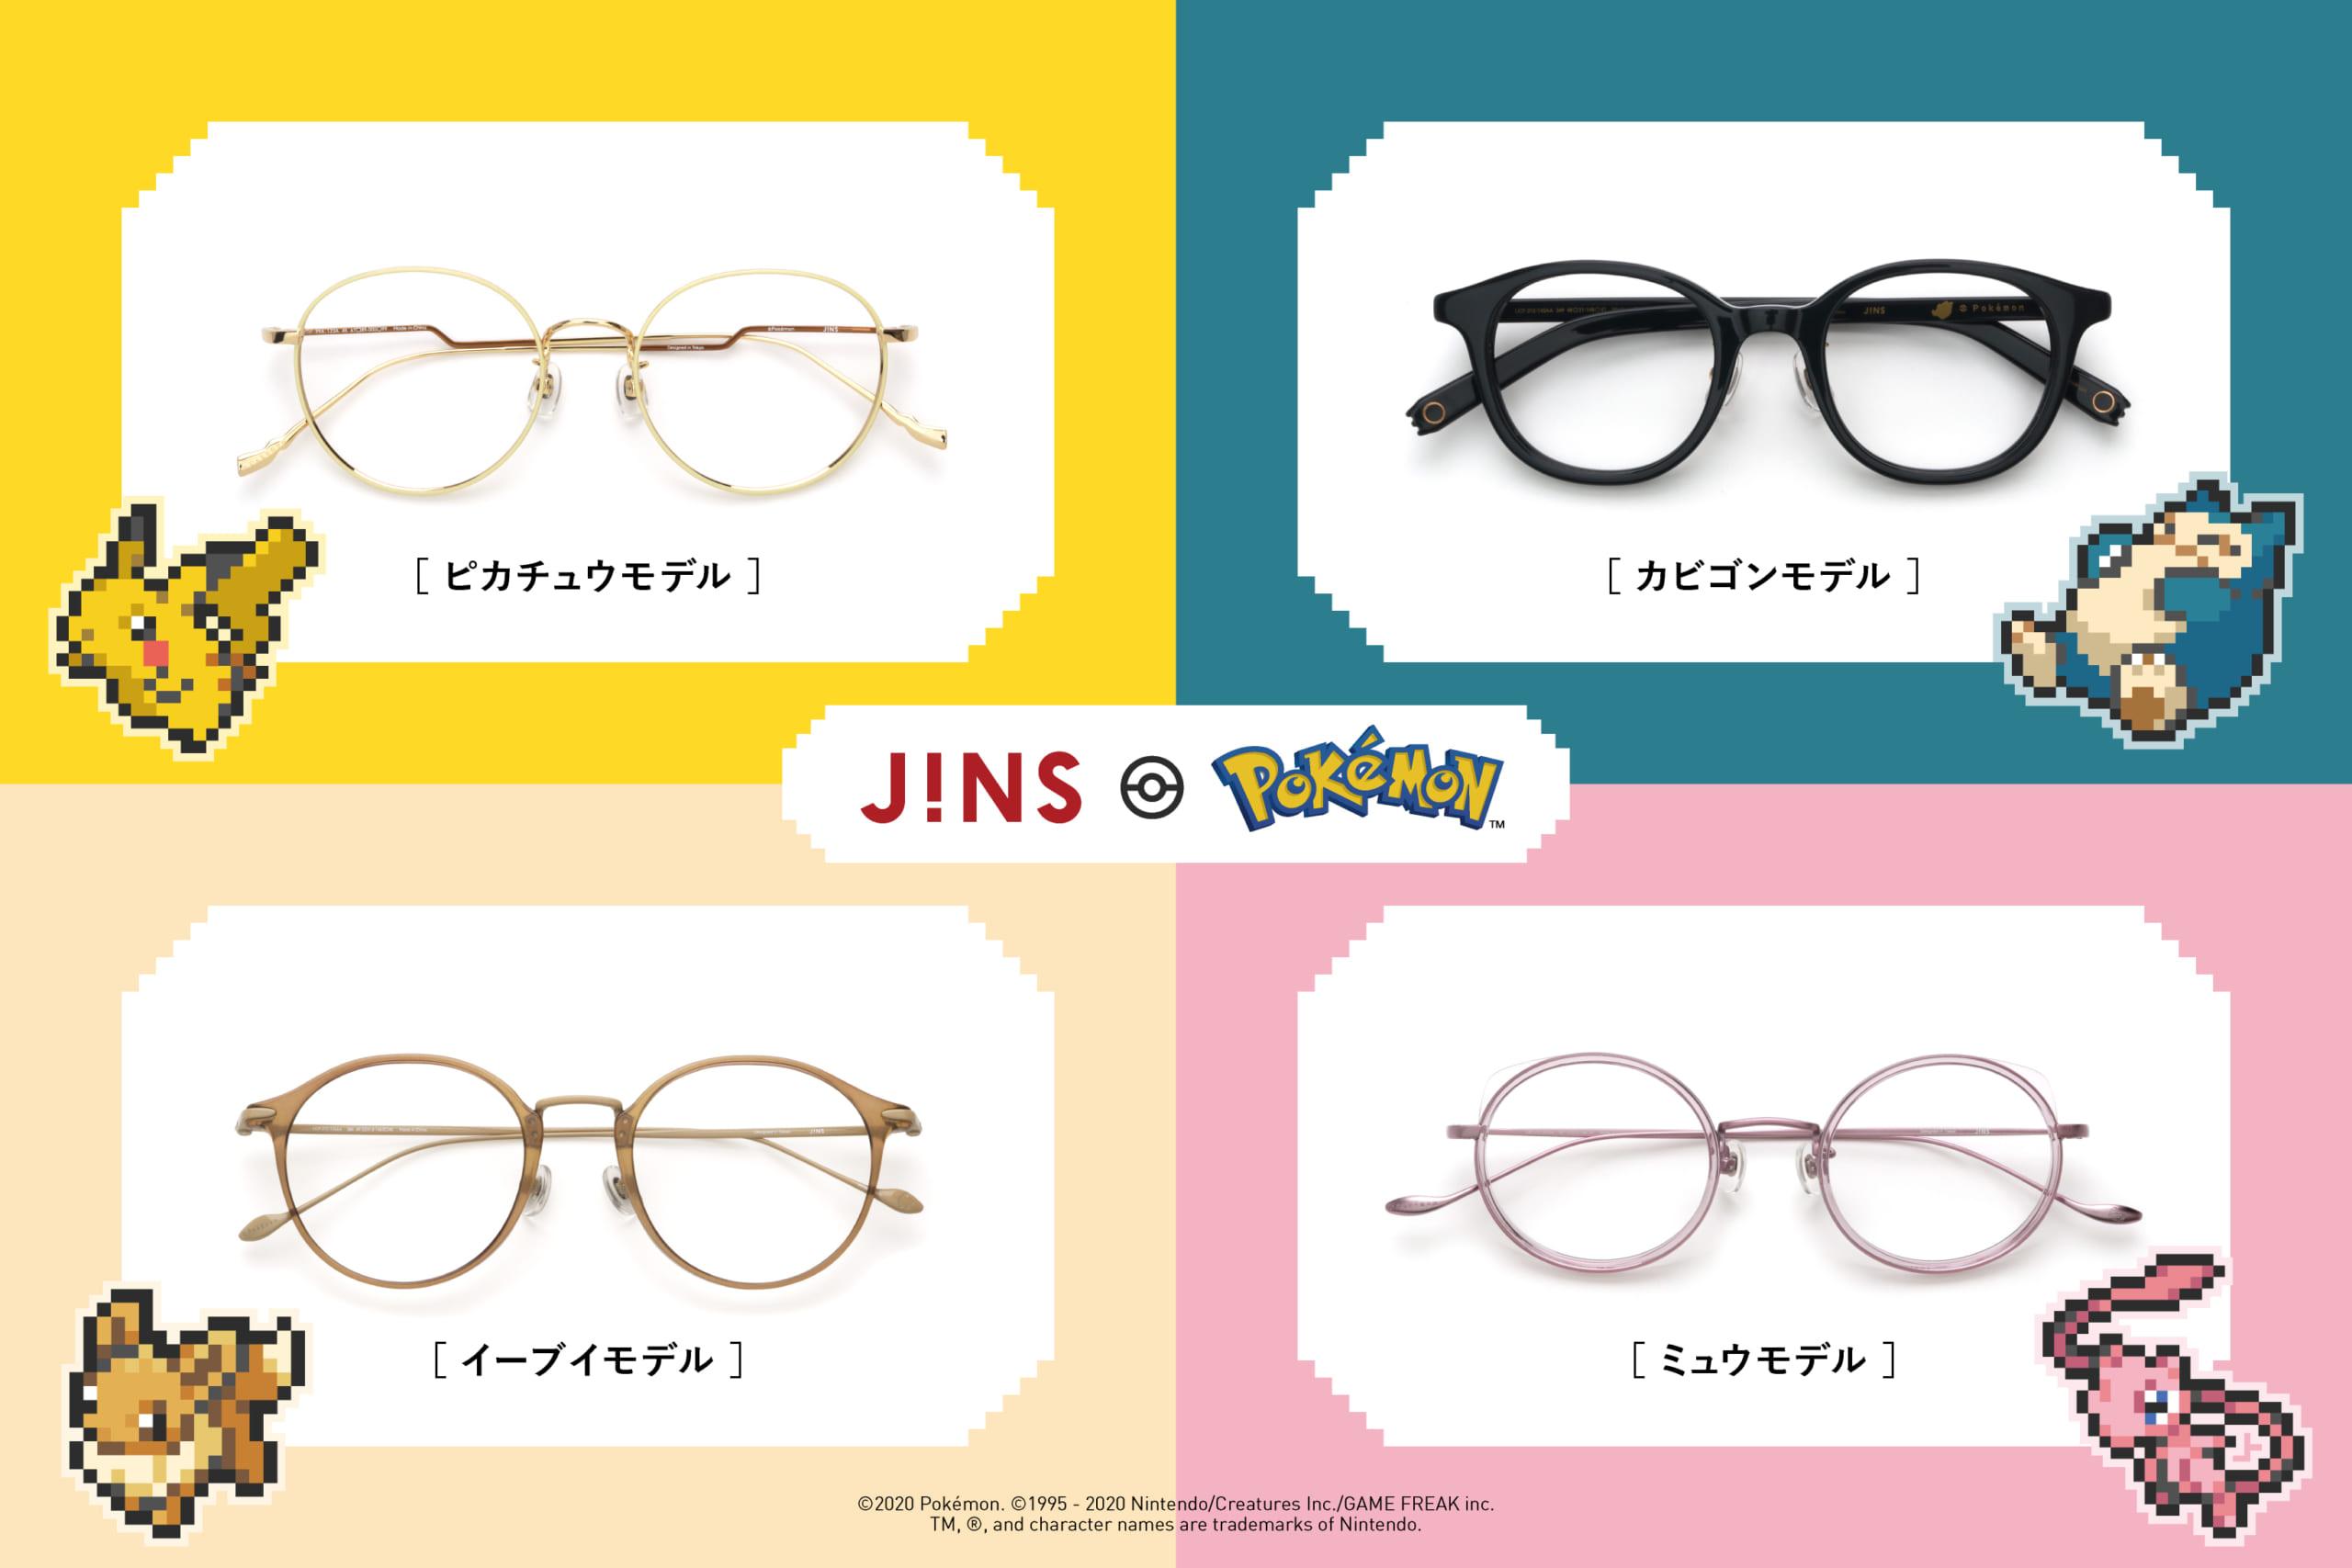 「ポケモン」×「JINS」コラボメガネが登場!カントー・ジョウトのポケモンをイメージした大人向けデザインが多数展開